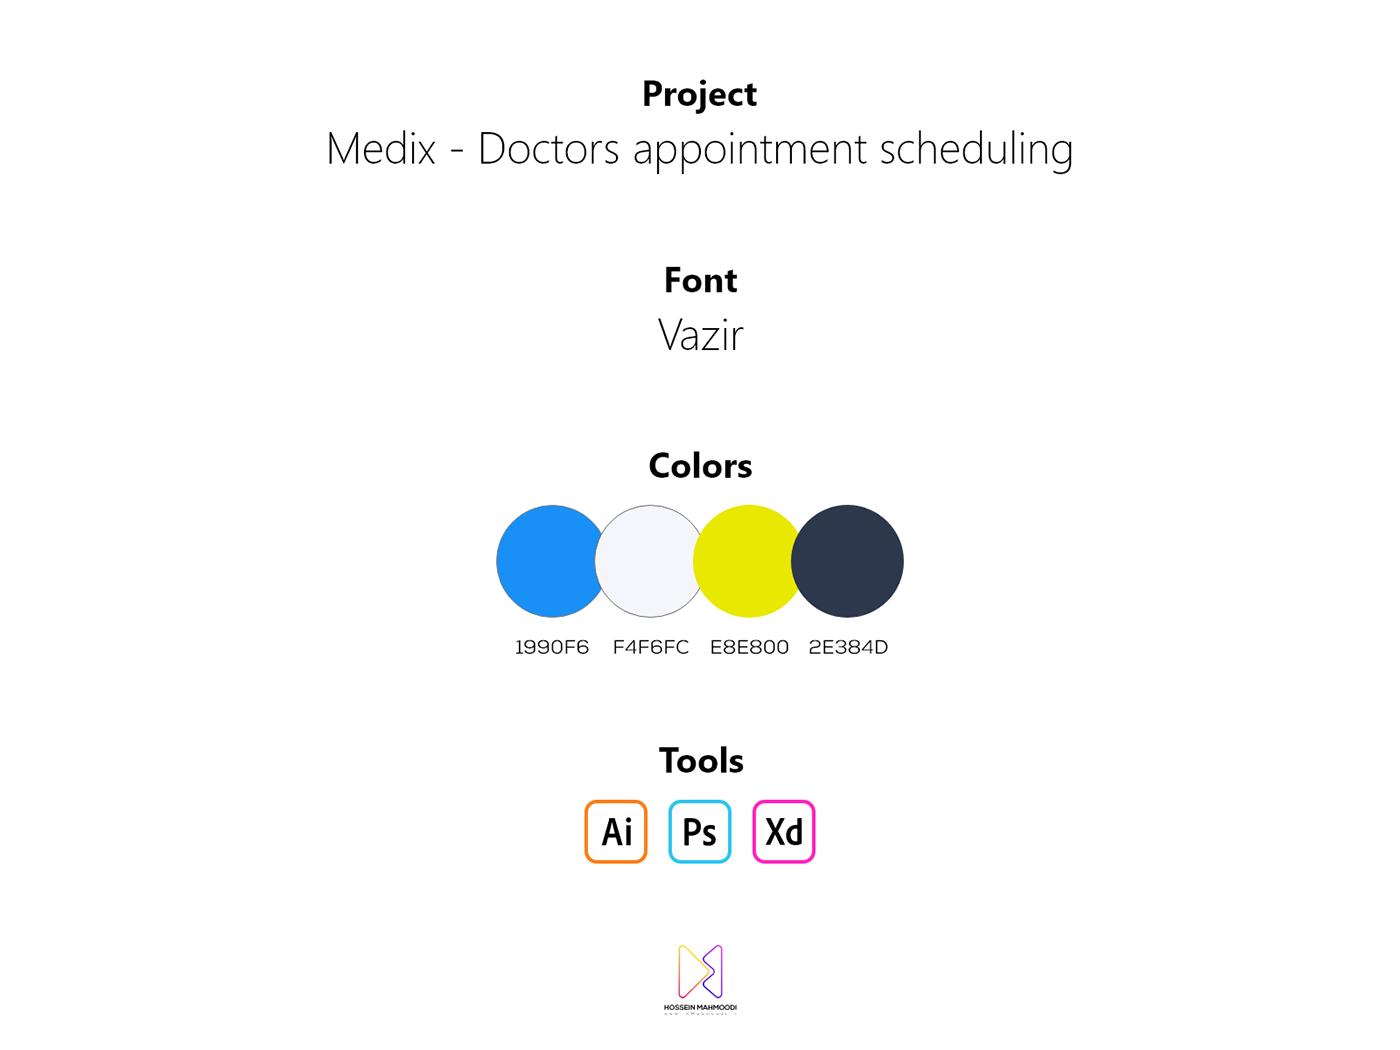 جزئیات طراحی رنگ و فونت نمونهکار: رابط کاربری اپلیکیشن پزشکی مِدیکس